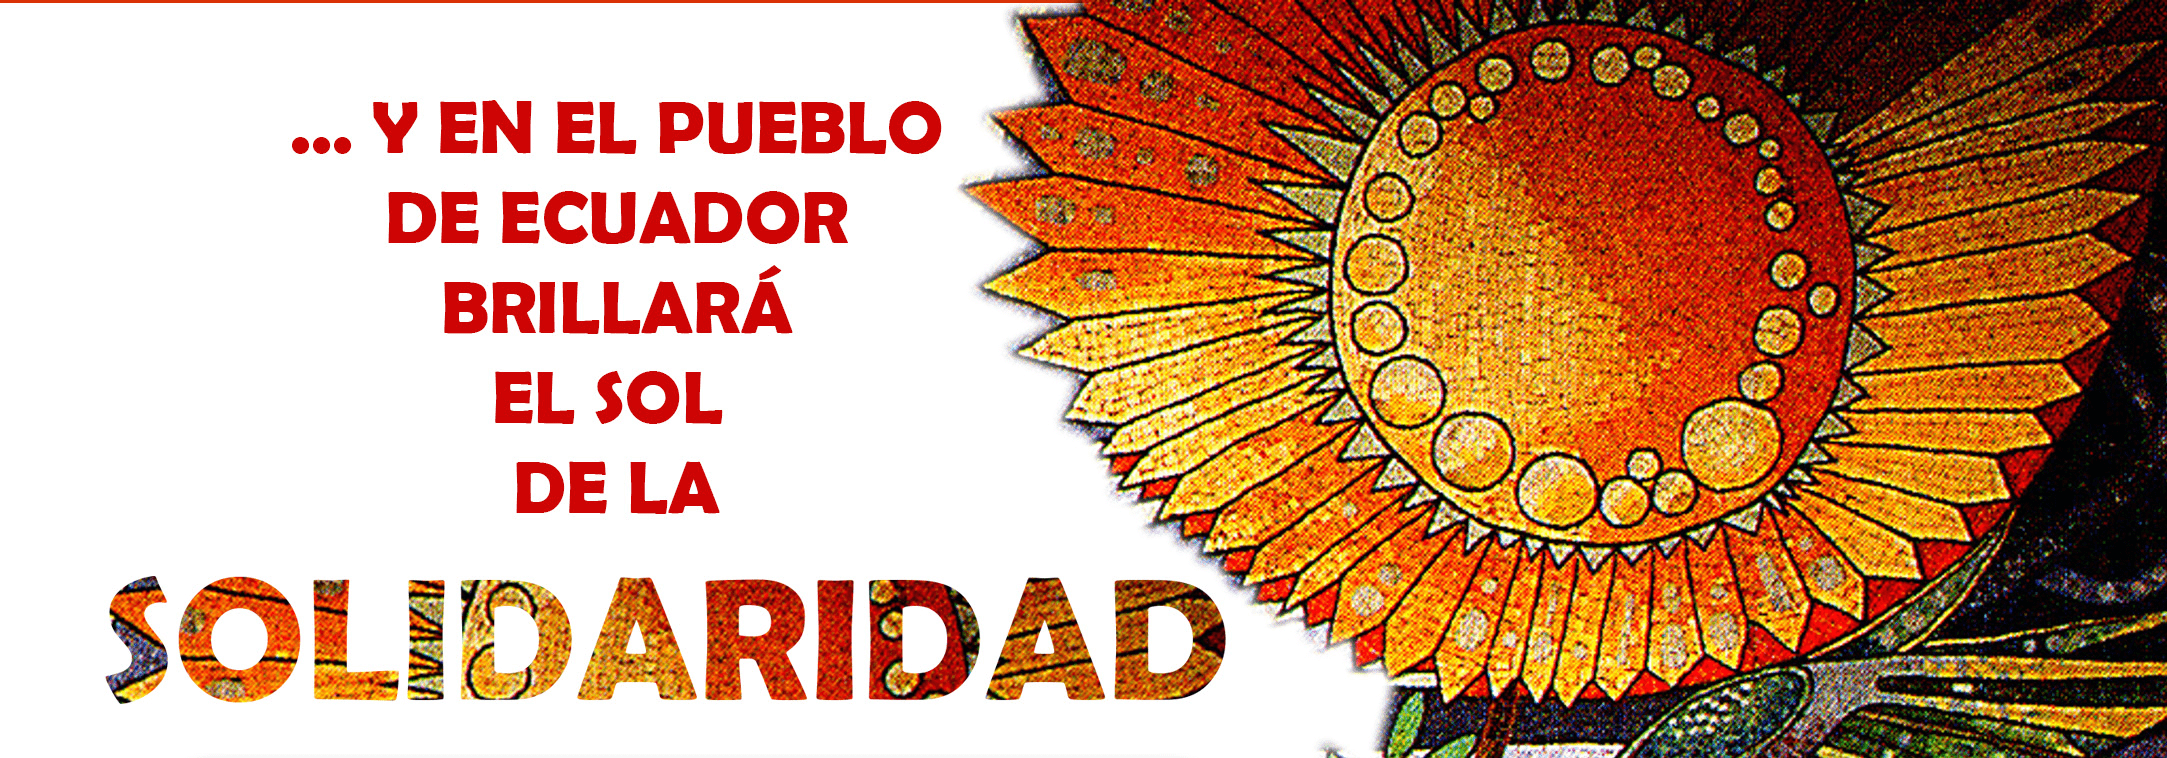 Solidaridad con Ecuador